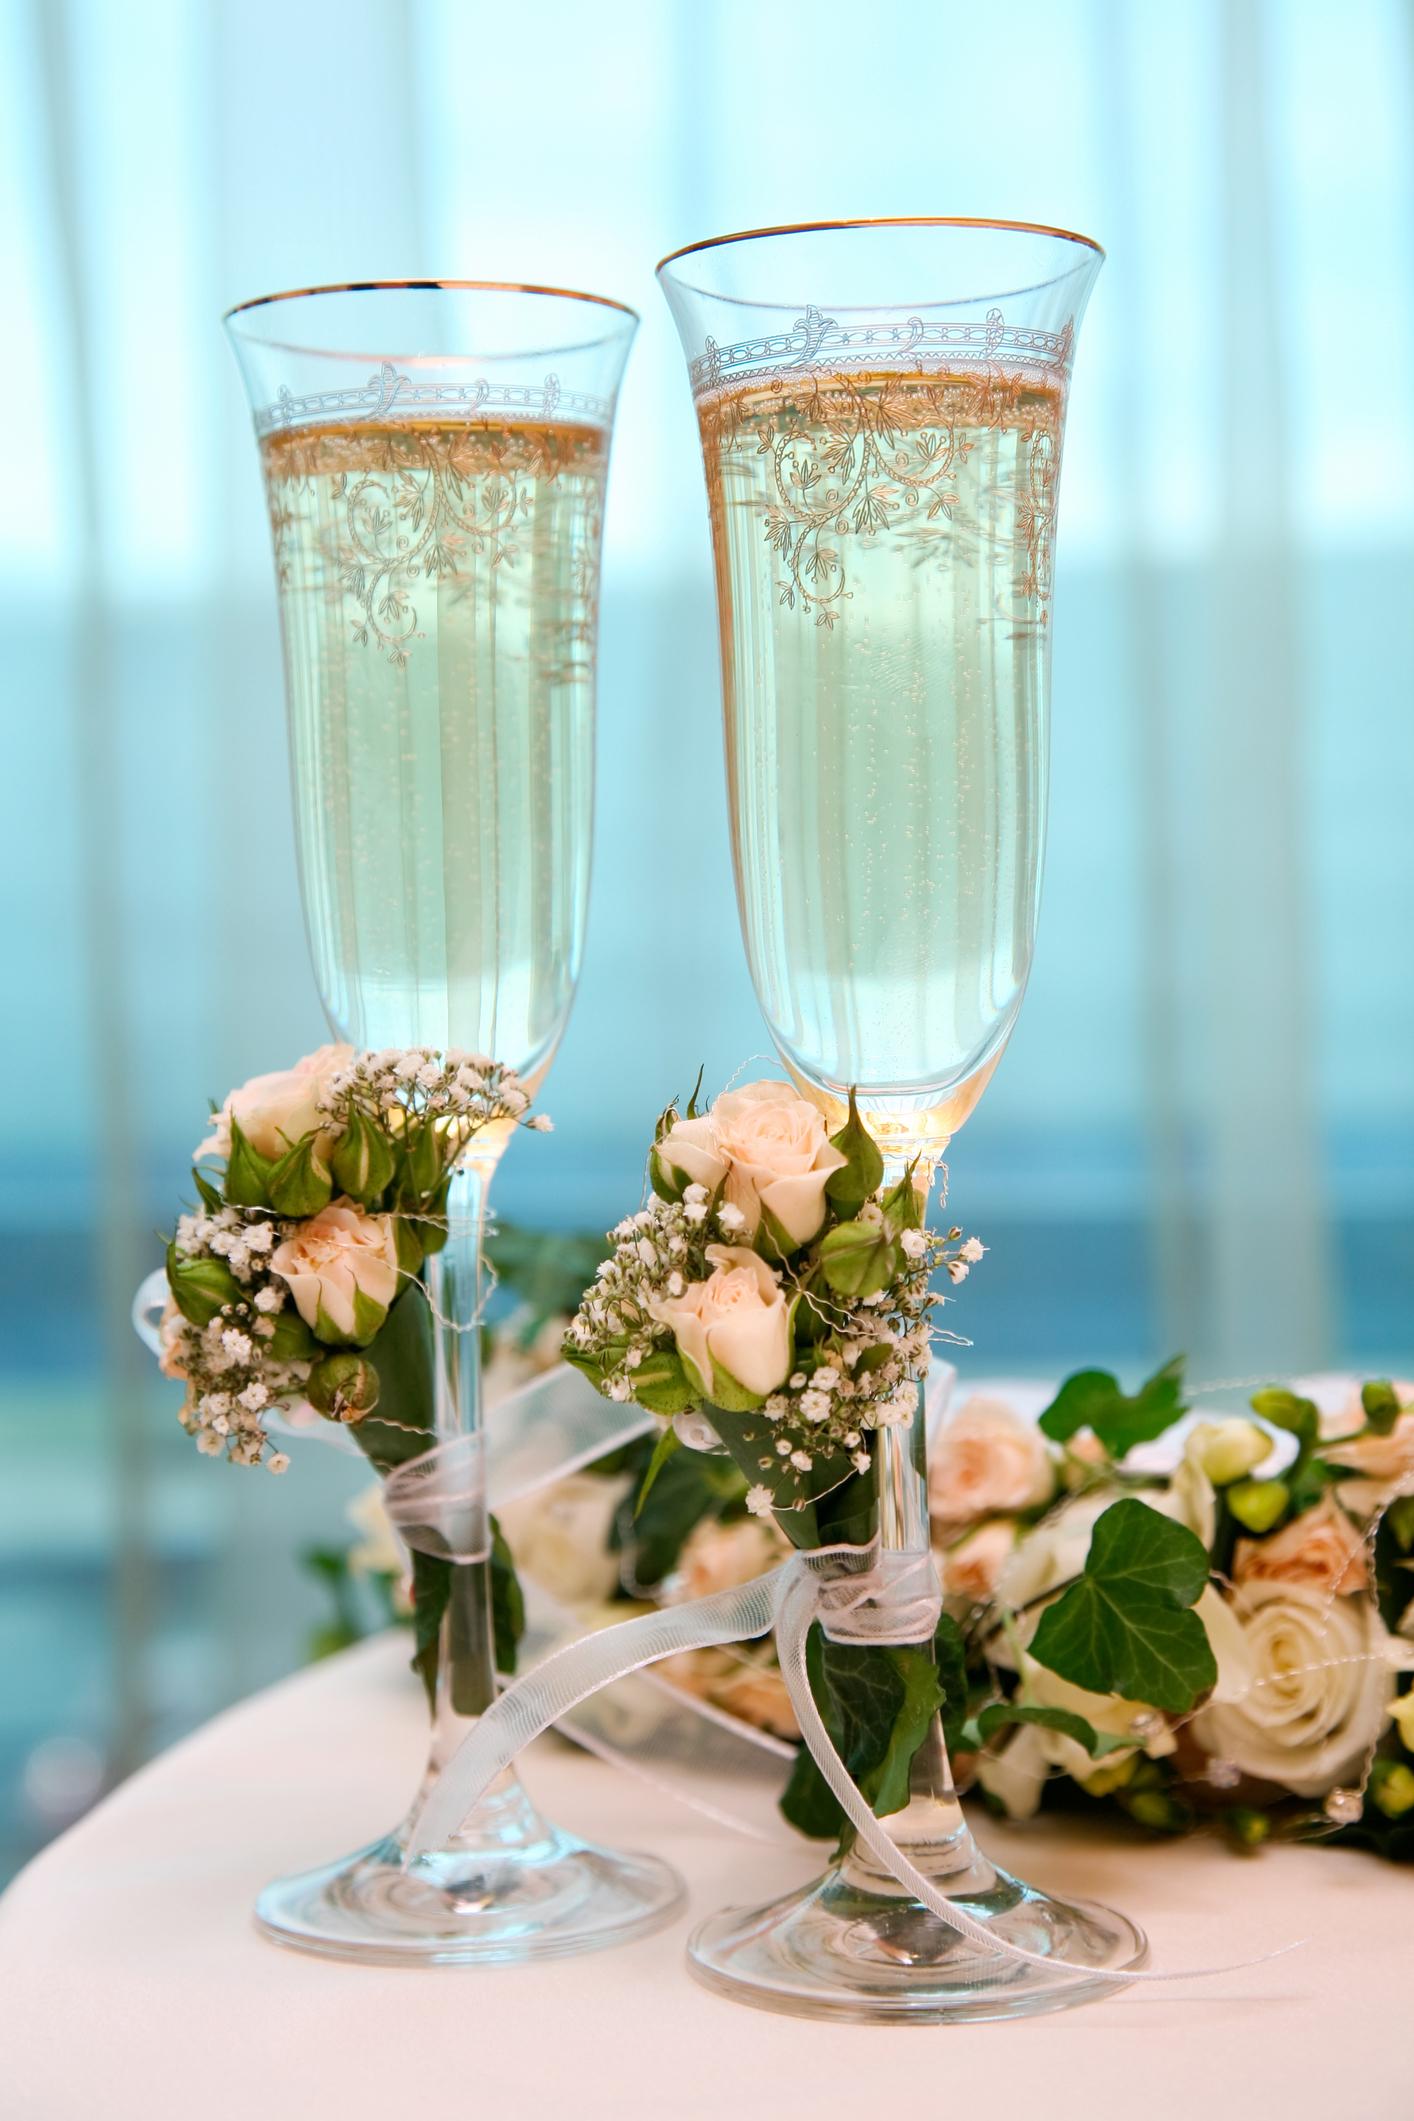 Фото бокалов с шампанским с цветами